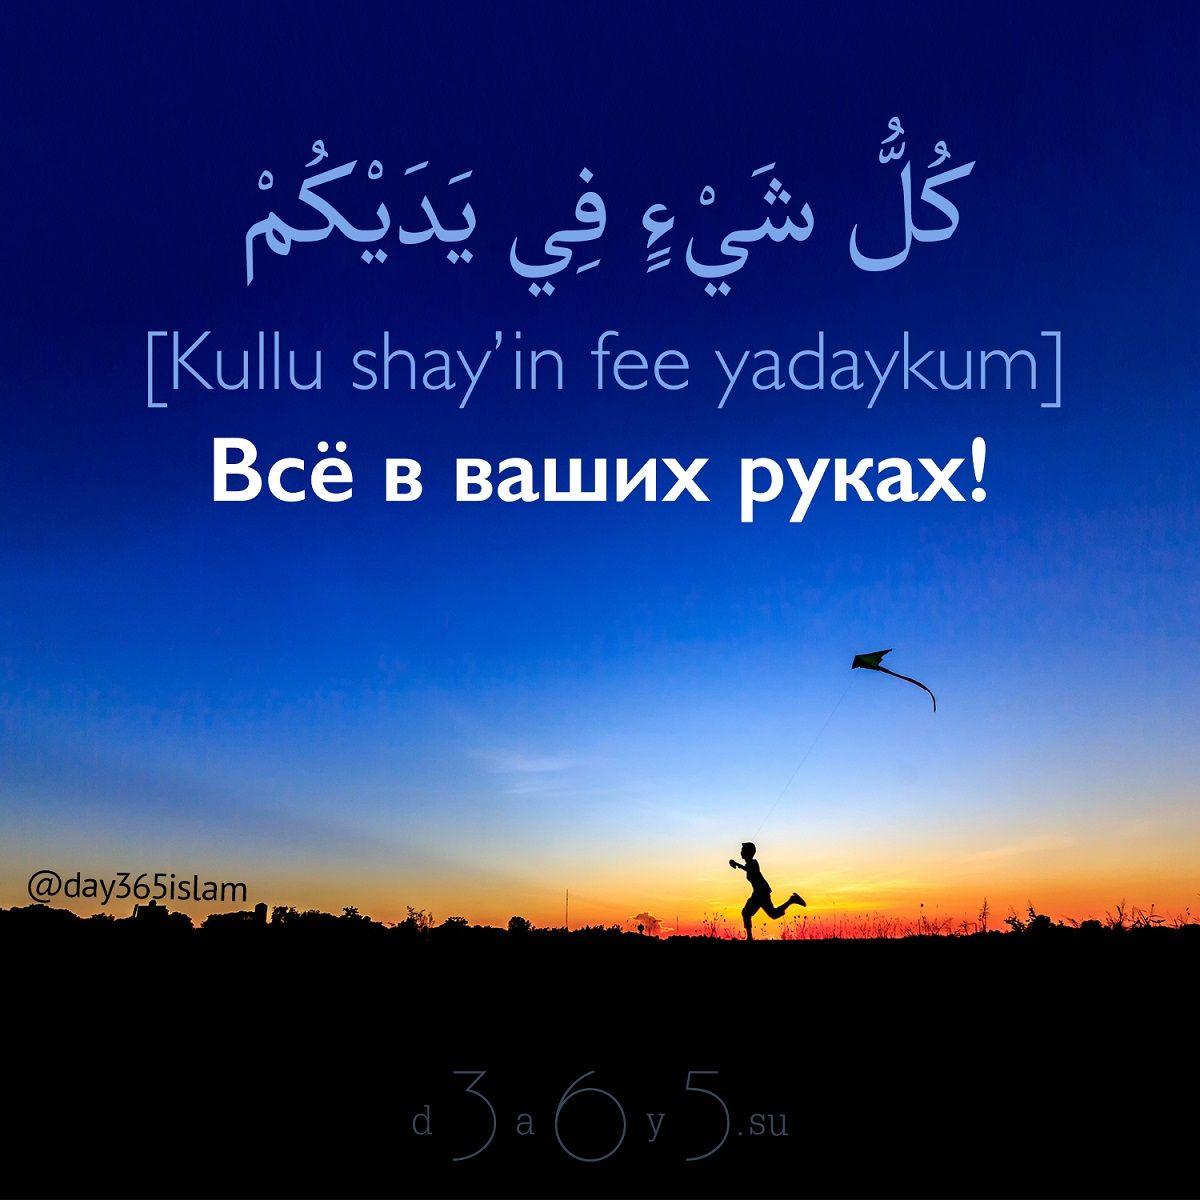 пожелания на арабском с переводом